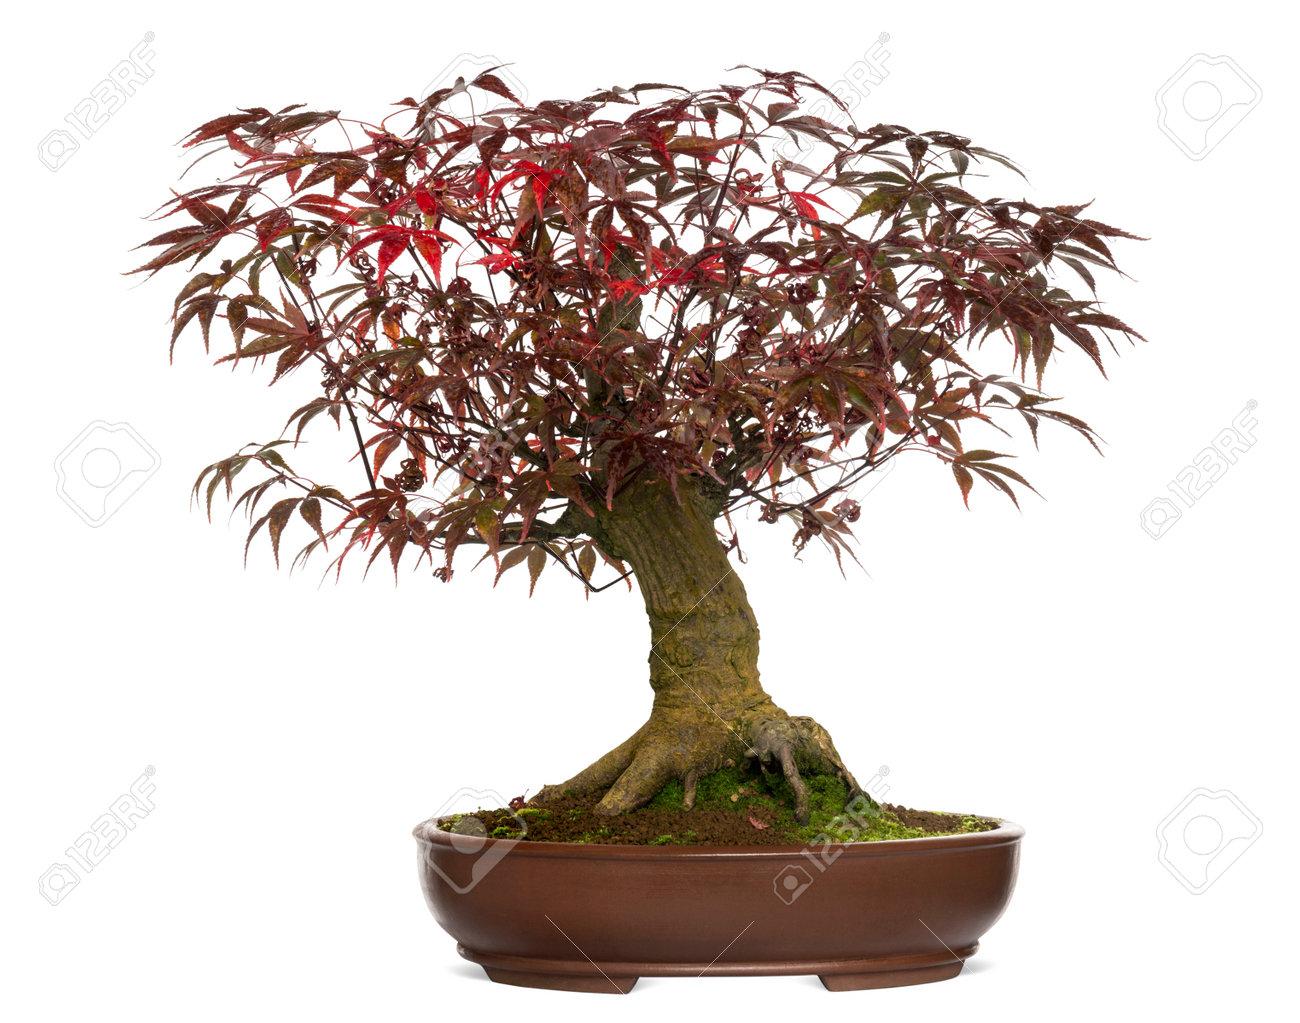 Japanese Maple Bonsai Tree Acer Palmatum Isolated On White Stock